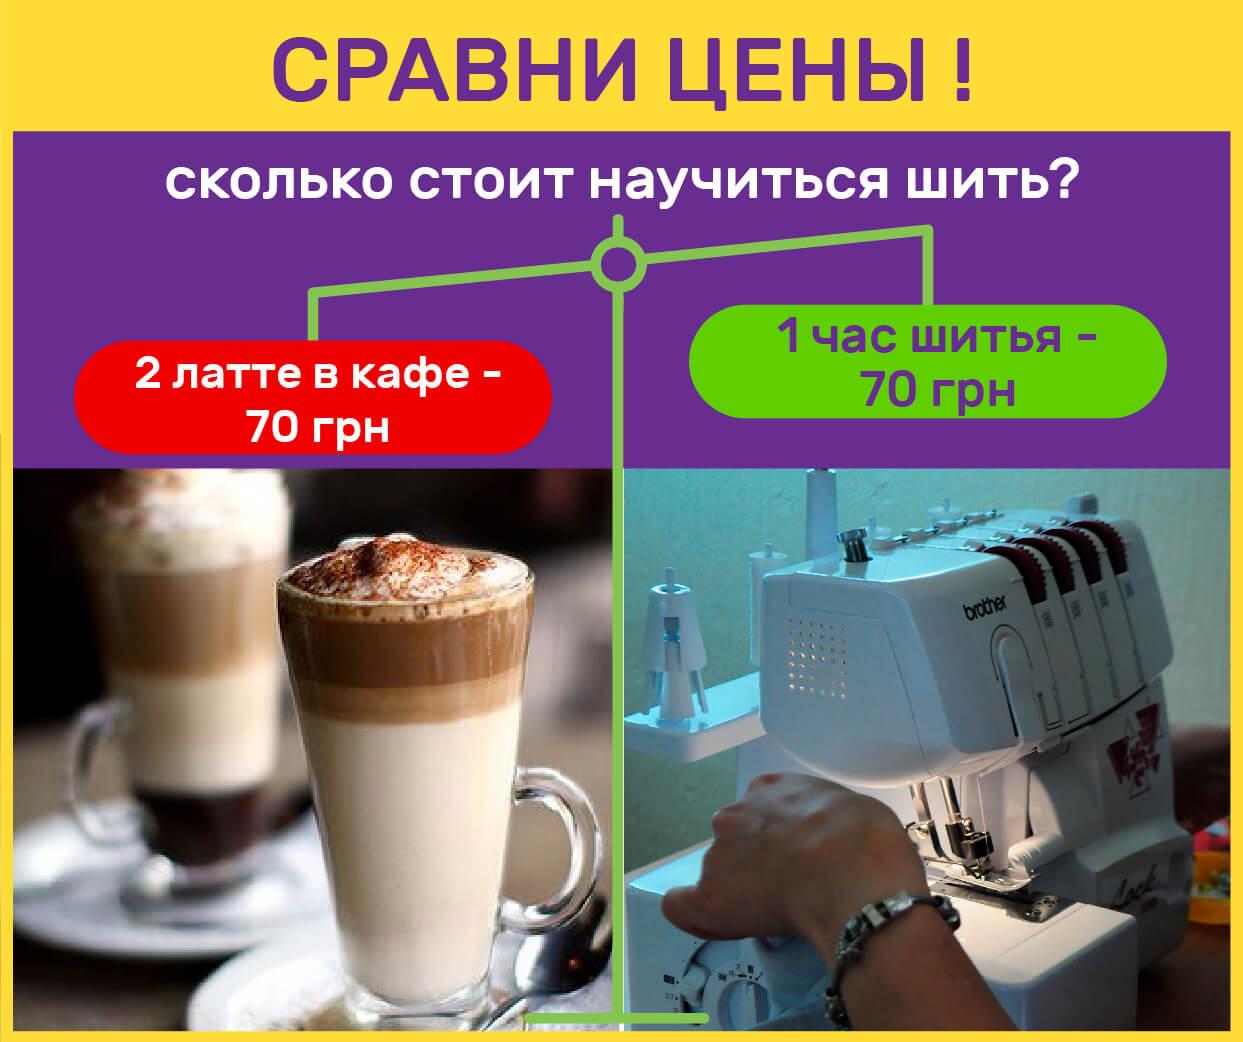 «Курсы кроя и шитья Киев цена», или сколько стоит научиться шить?